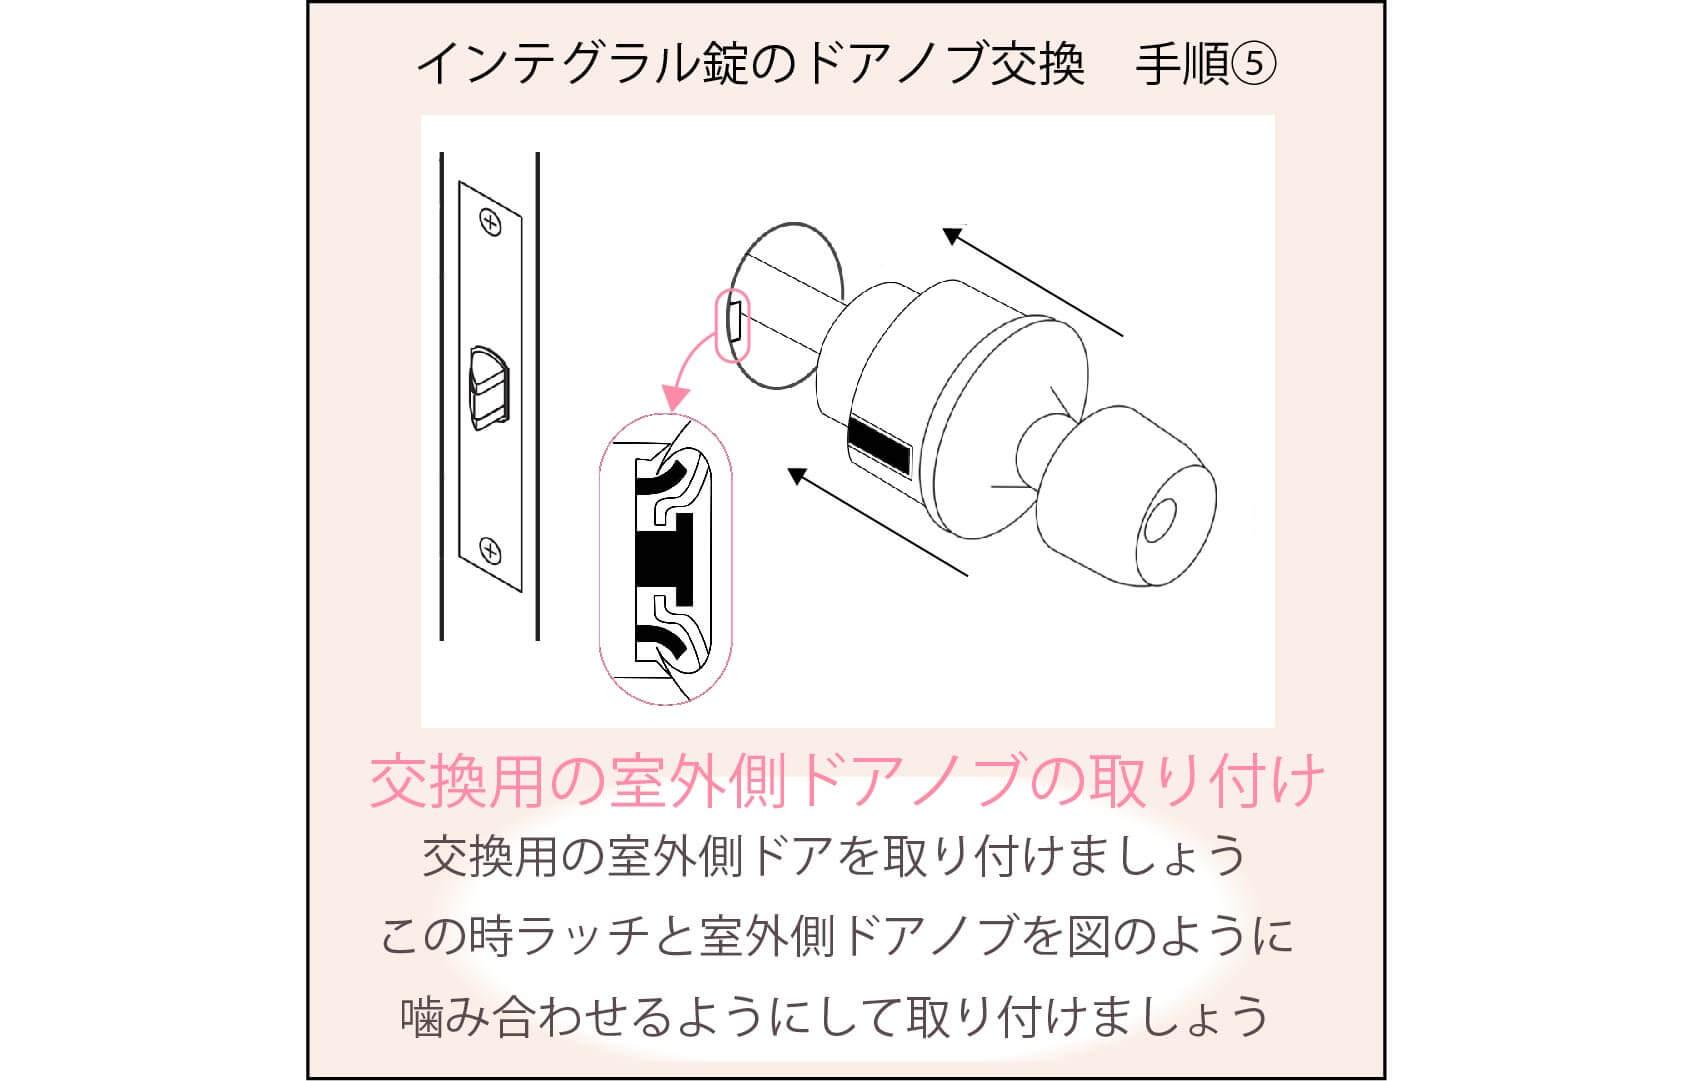 円筒錠の交換手順⑤